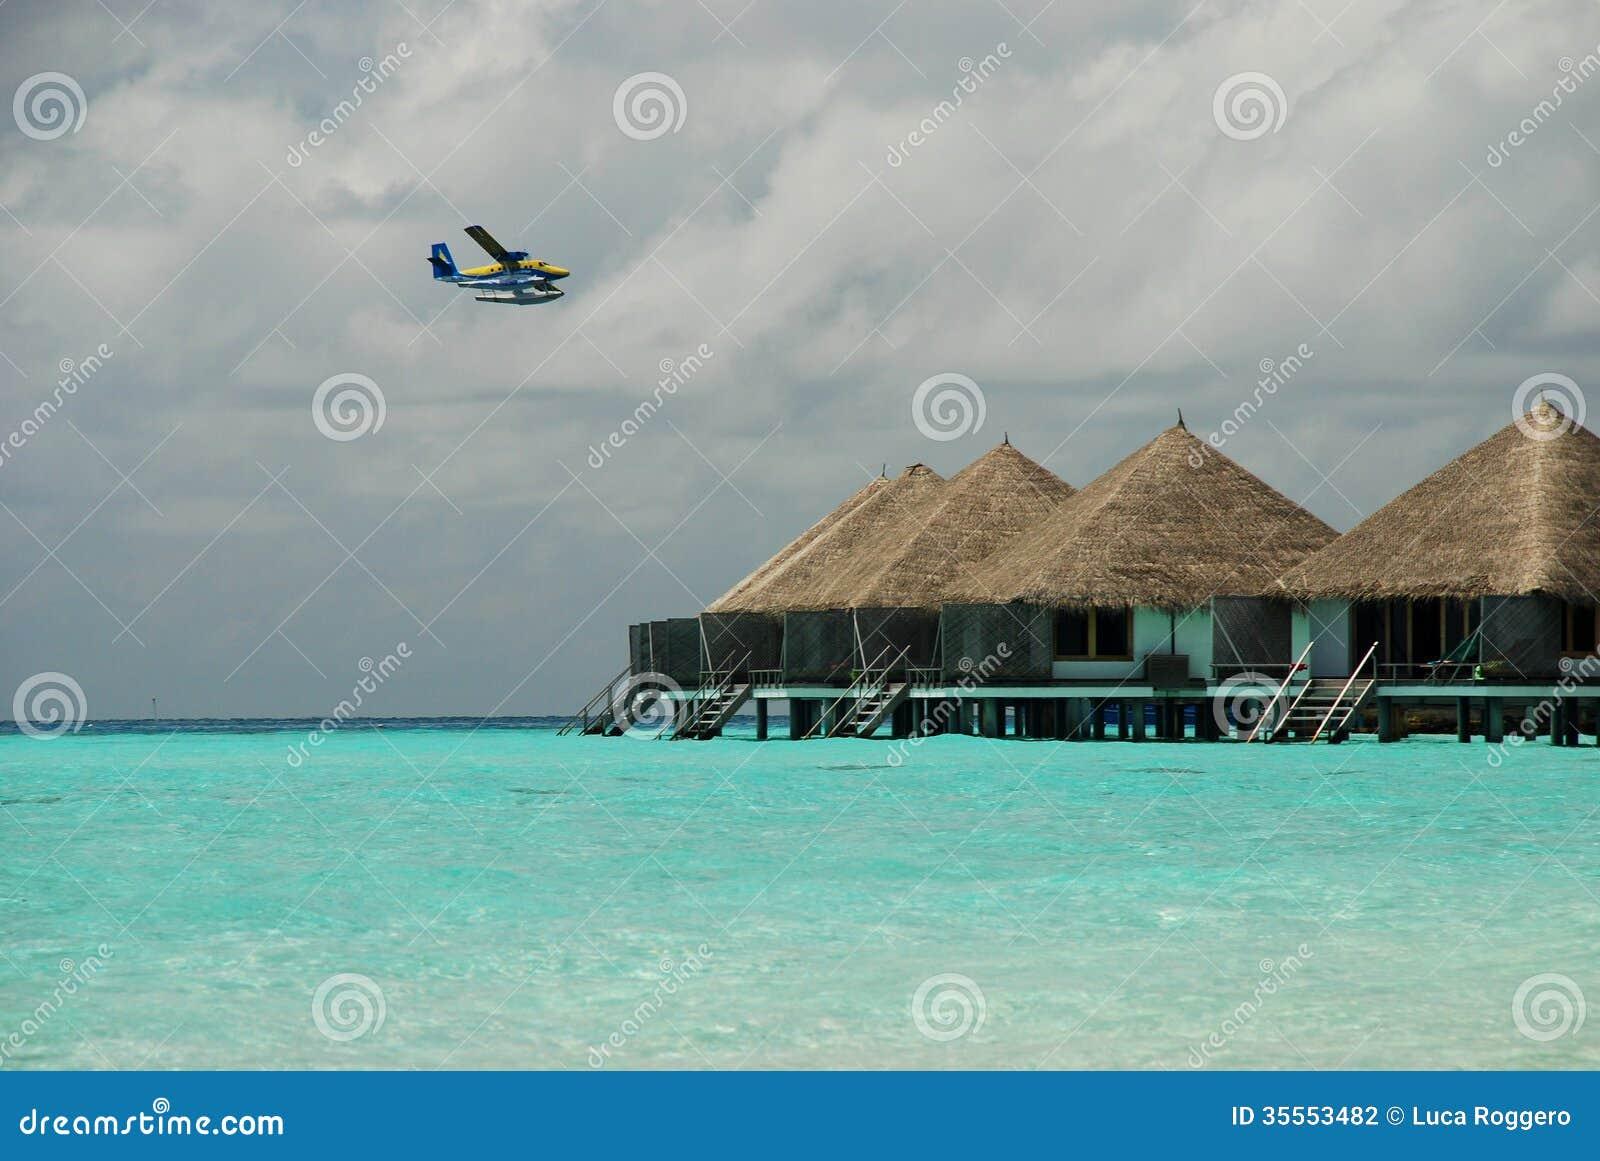 Бунгала гидросамолета и overwater. Gangehi, Мальдивы